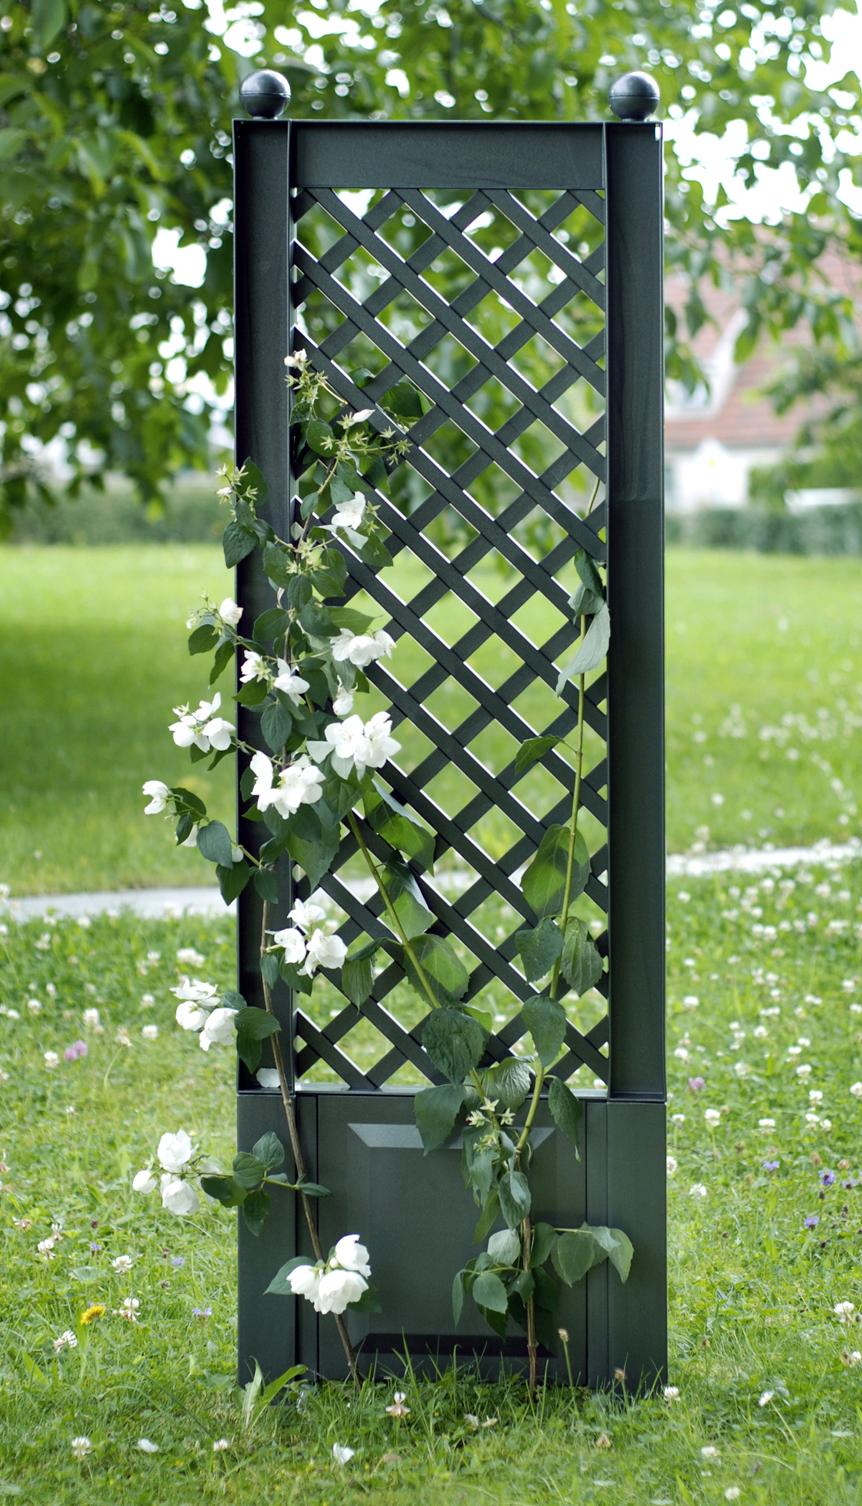 Шпалера KHW 37803 GreenСадовые конструкции<br>Шпалера для растений KHW представляет собой красивую ажурную решетку. Она, выступая опорой для вьющихся растений, выполняет сразу два предназначения: функциональное и декоративное. С помощью шпалеры растения поддерживаются в вертикальном положении, что исключает поломки стебля, что способствует хорошему плодоношению, а также позволяет с помощью шпалеры легко преобразить самые неприглядные участки сада, сделать живую изгородь или украсить веранду. <br><br>Шпалера KHW выполнена из прочного пластика - полипропилена, который не требует особого ухода...<br><br>Тип: шпалера<br>Материал : полипропилен